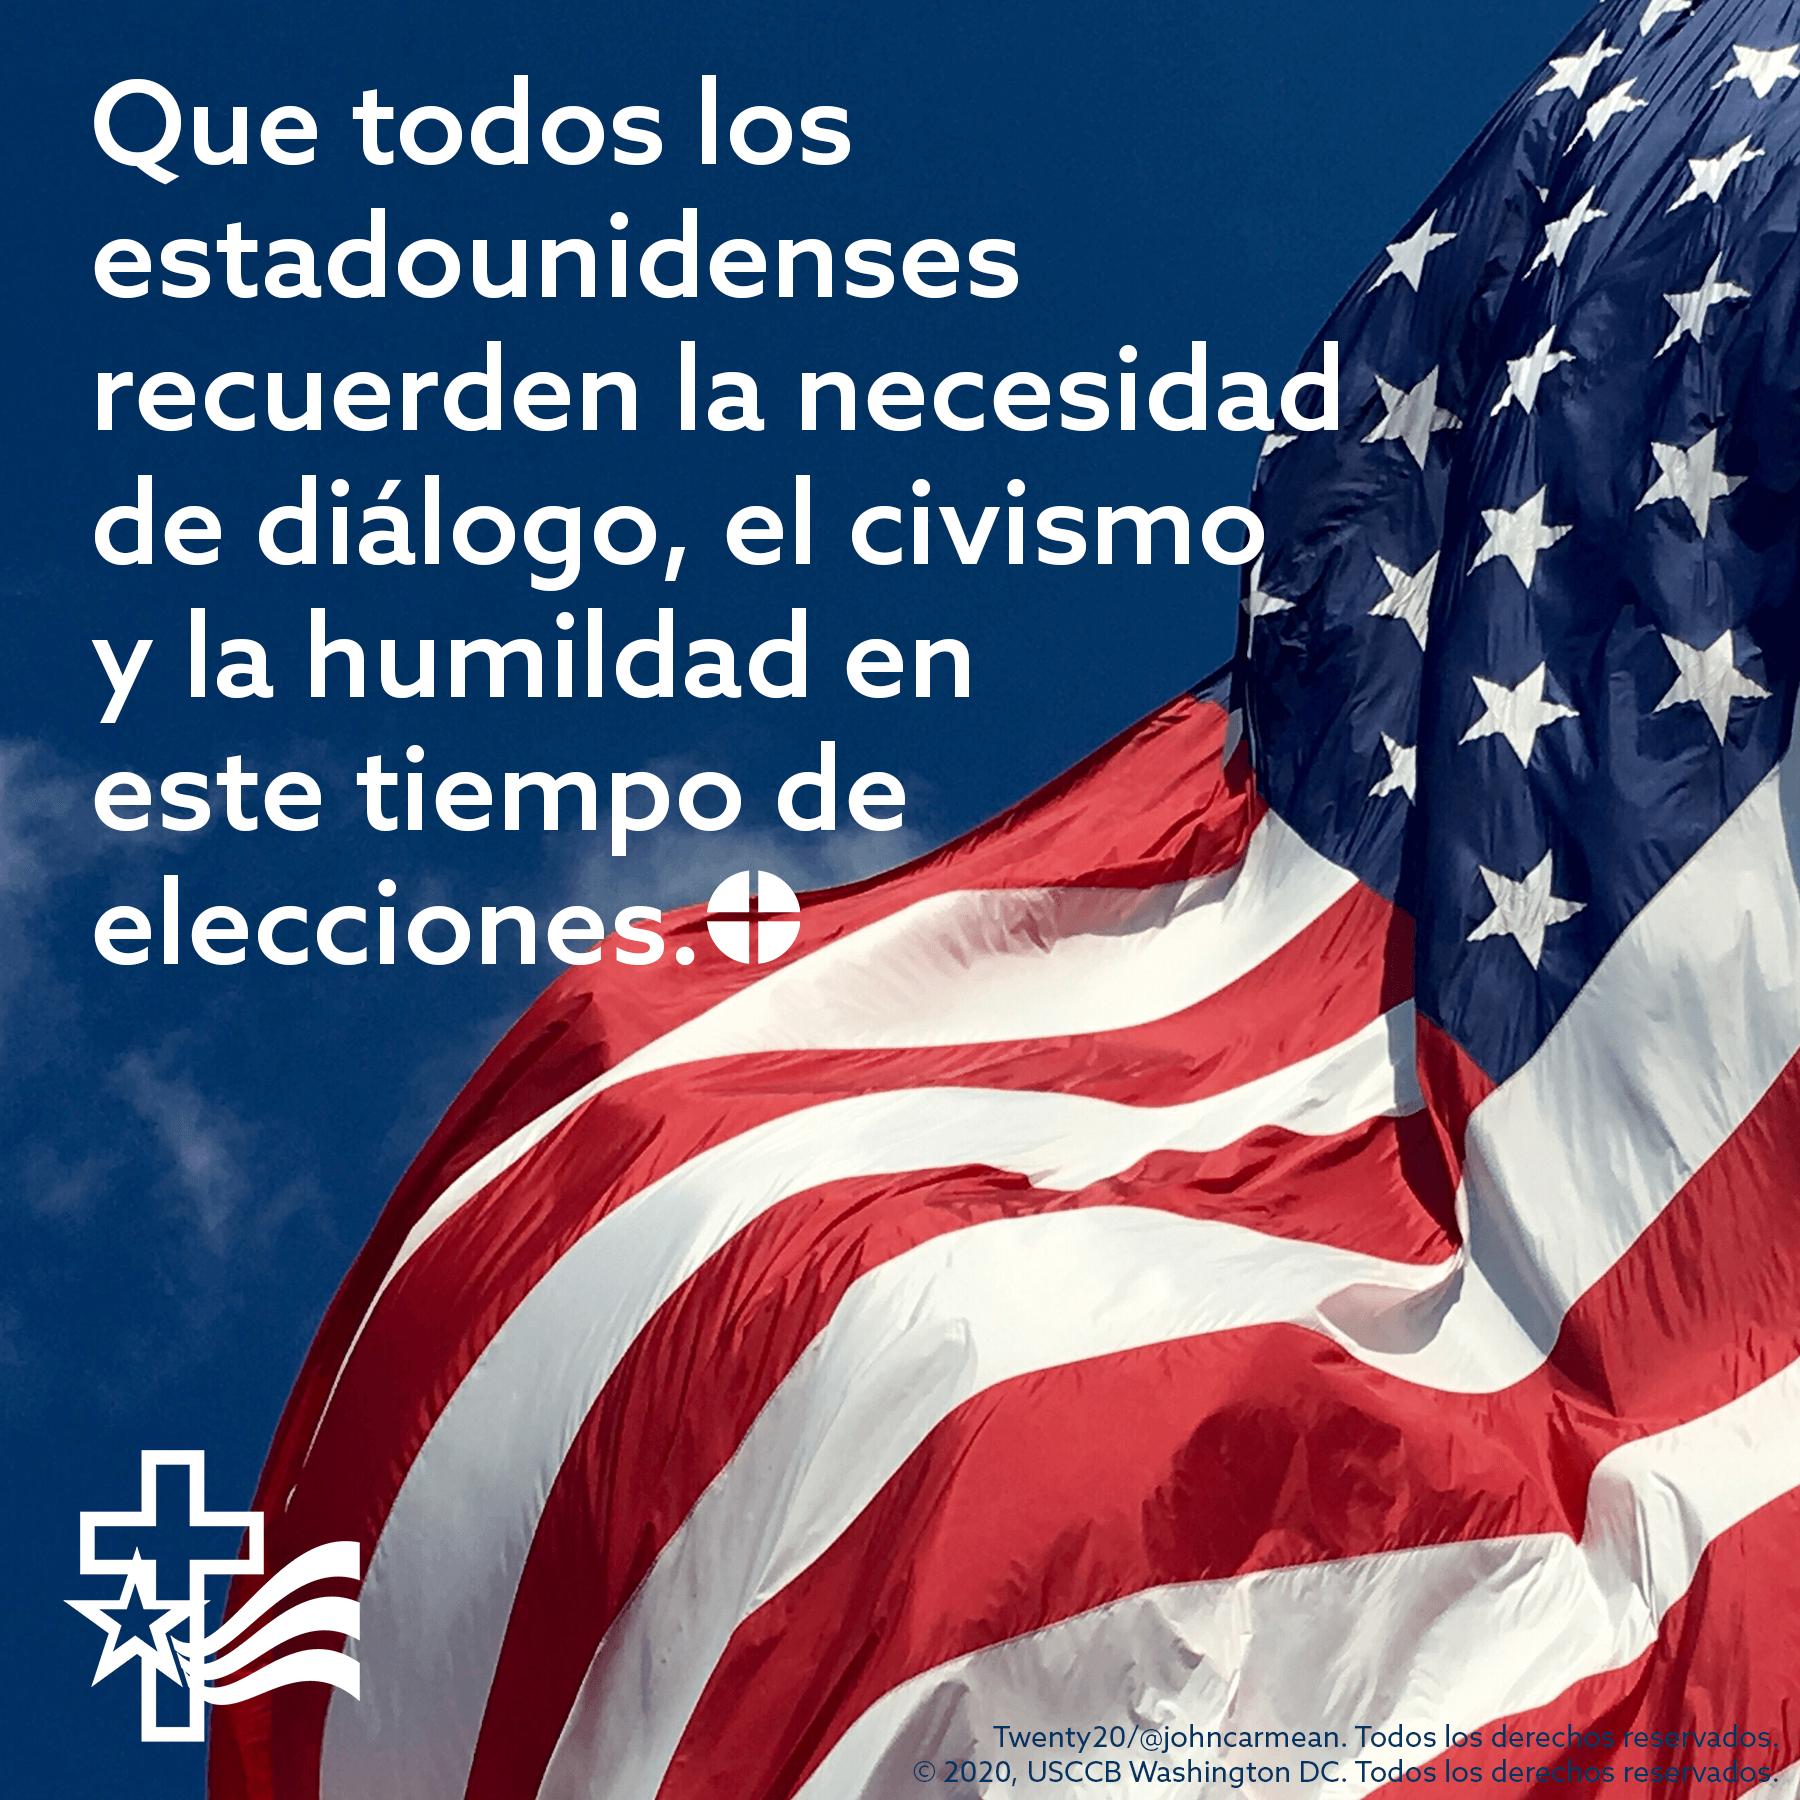 Católicos de Estados Unidos rezan novena por elecciones presidenciales